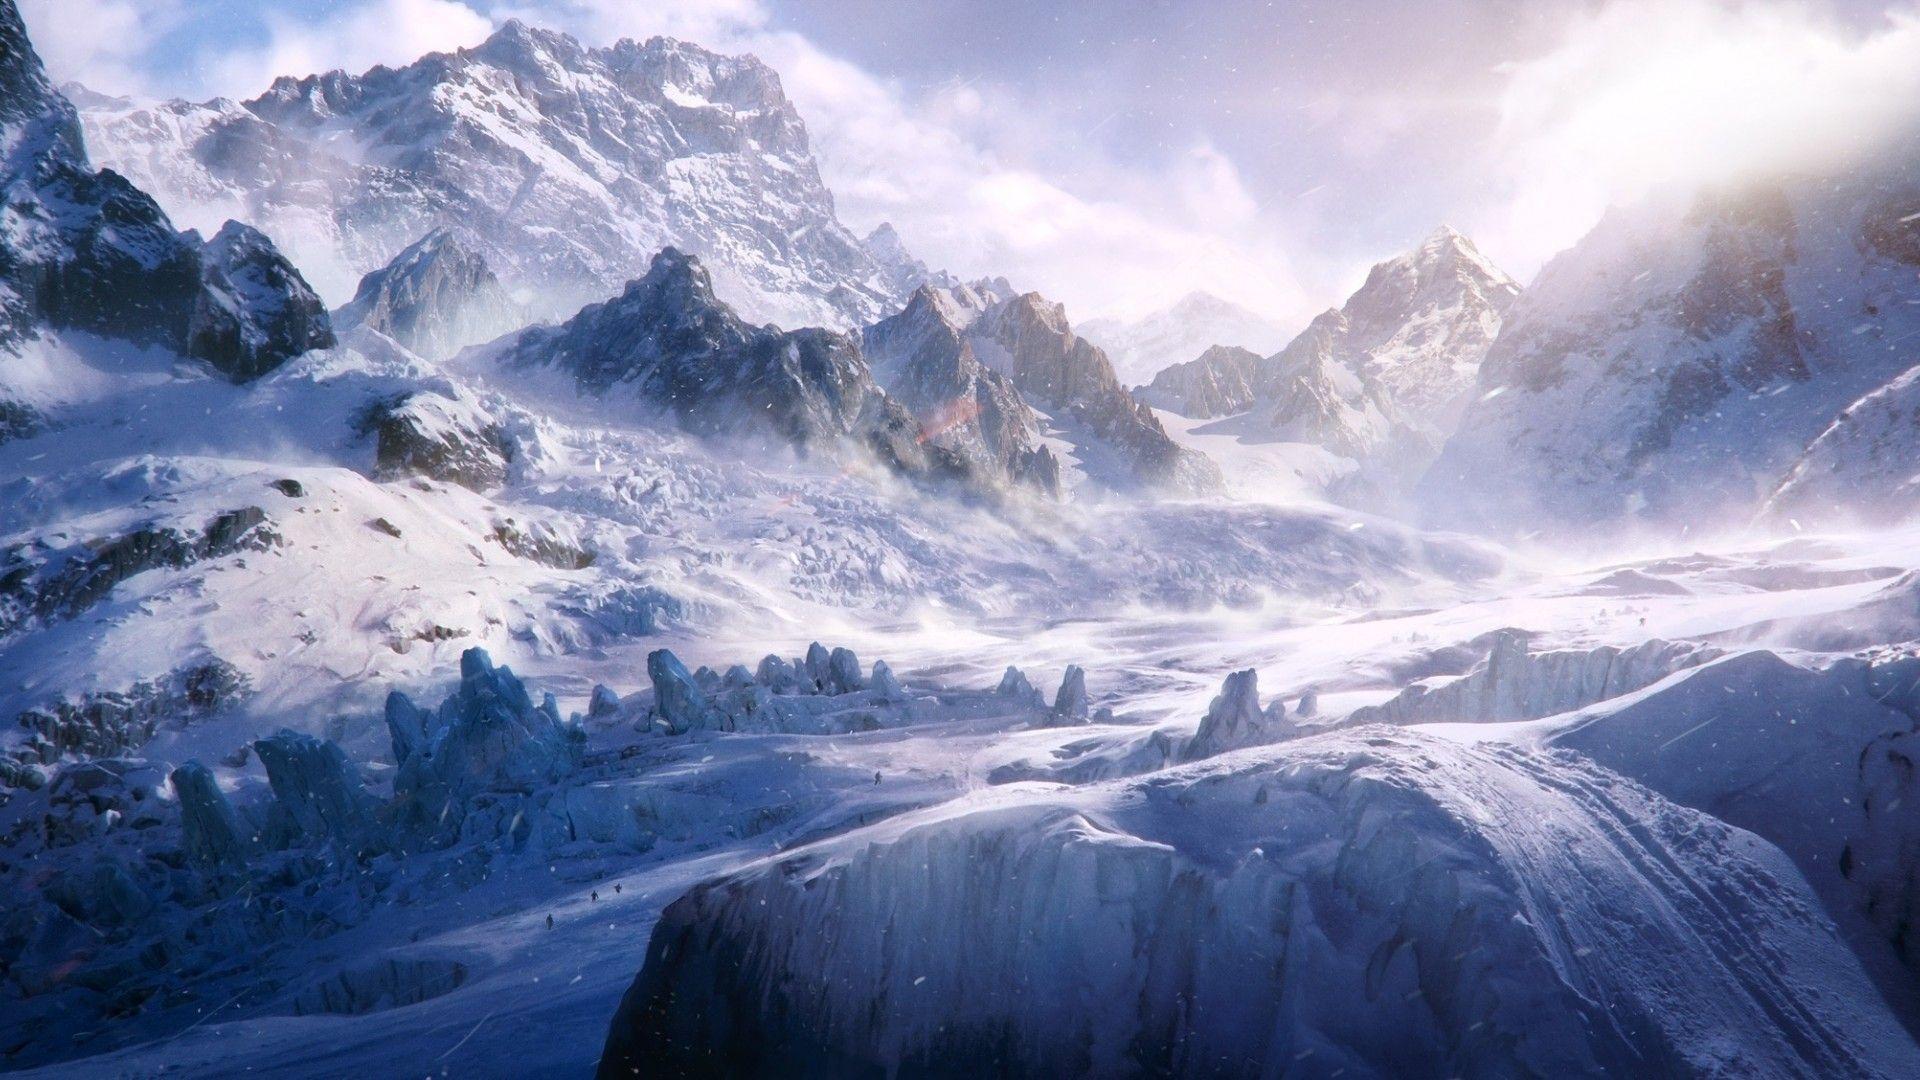 snow trekking hd landscape desktop wallpaper wallpapercow com